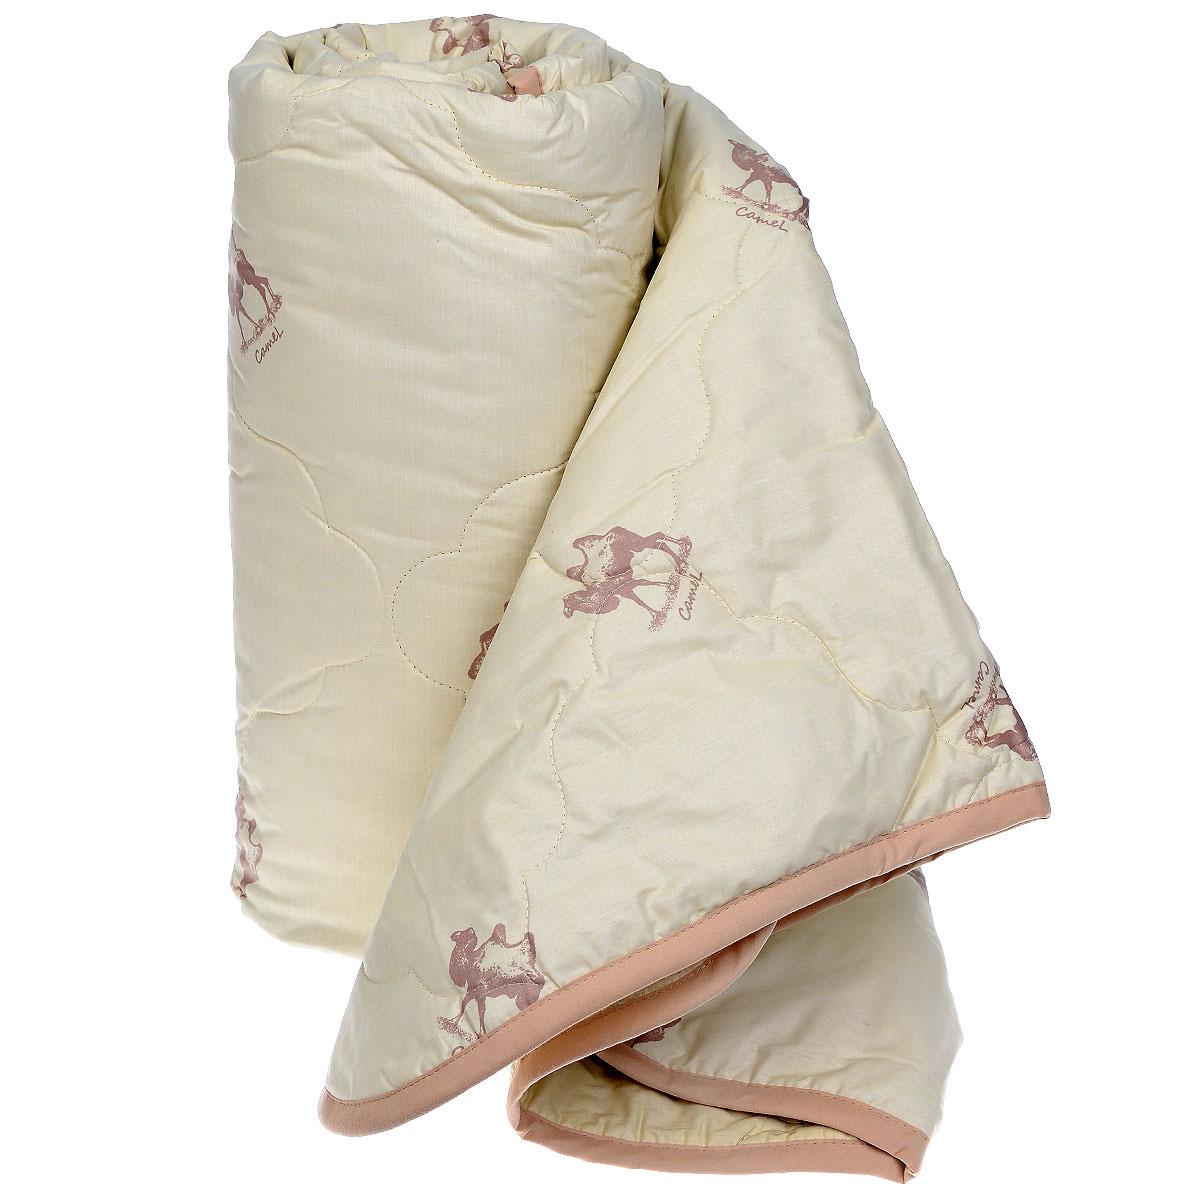 Одеяло Sova & Javoronok, наполнитель: верблюжья шерсть, цвет: бежевый, 172 см х 205 см5030116082Чехол одеяла Sova & Javoronok выполнен из высококачественного плотного материала тик (100% хлопок). Наполнитель одеяла изготовлен из верблюжьей шерсти. Стежка надежно удерживает наполнитель внутри и не позволяет ему скатываться. Особенности наполнителя: - исключительные терморегулирующие свойства; - высокое качество прочеса и промывки шерсти; - великолепные ощущения комфорта и уюта. Верблюжья шерсть обладает целебными качествами, содержит наиболее высокий процент ланолина (животного воска), который является природным антисептиком и благоприятно воздействует на организм по целому ряду показателей: оказывает благотворное действие на мышцы, суставы, позвоночник, нормализует кровообращение, имеет профилактический эффект при заболевания опорно-двигательного аппарата. Кроме того, верблюжья шерсть антистатична. Шерсть верблюда сохраняет прохладу в период жаркого лета и удерживает тепло во время суровой зимы. Одеяло...